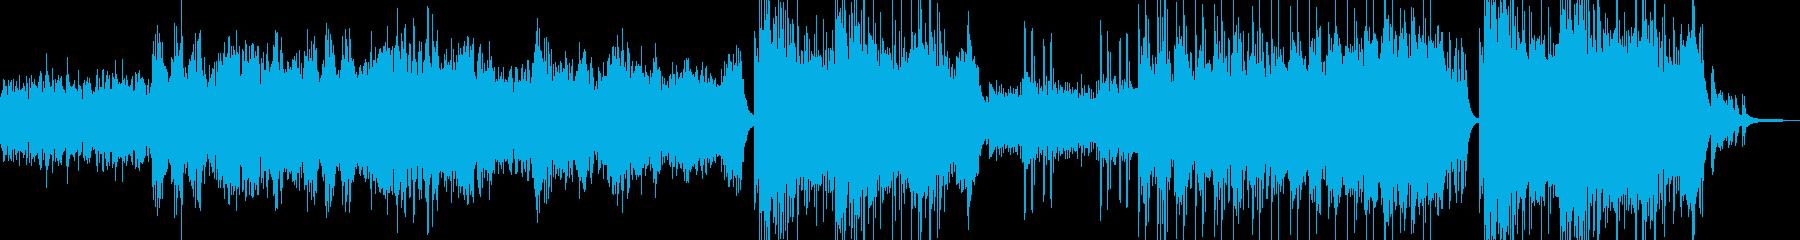 異世界・故人を想う曲 後半ドラム有 長尺の再生済みの波形